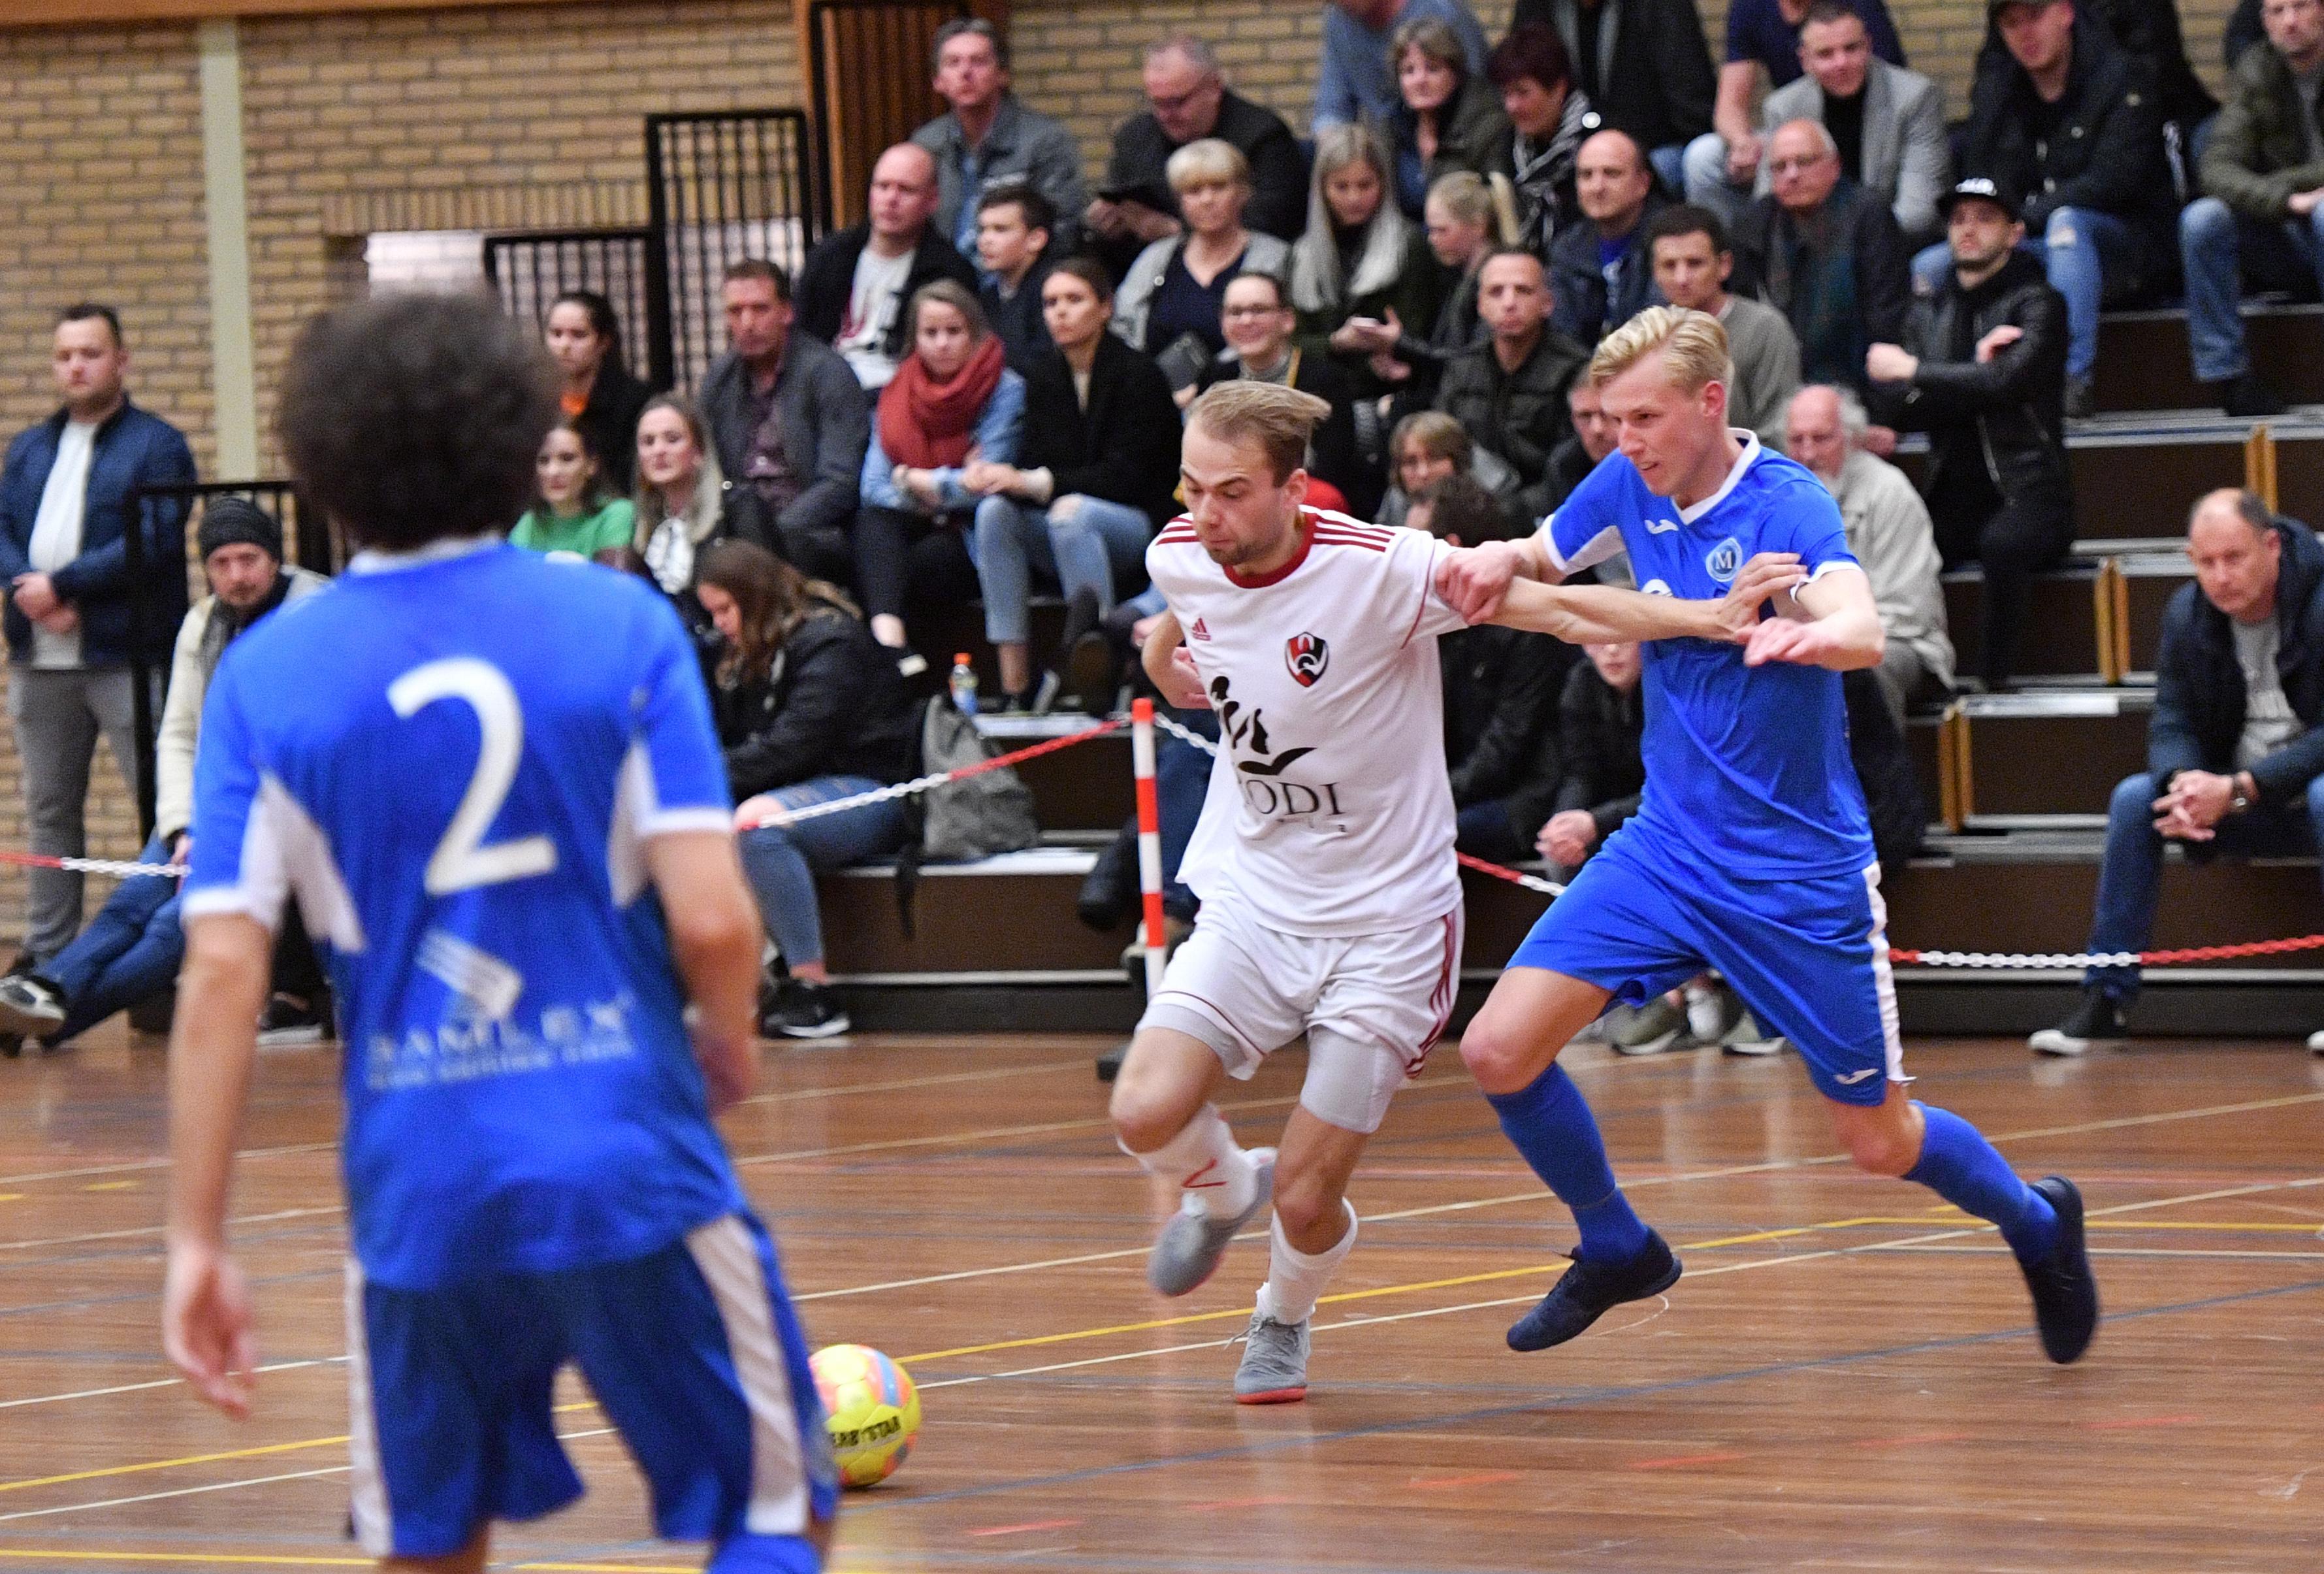 White Stones grijpt kans op derde jaar in eredivisie zaalvoetbal met beide handen aan